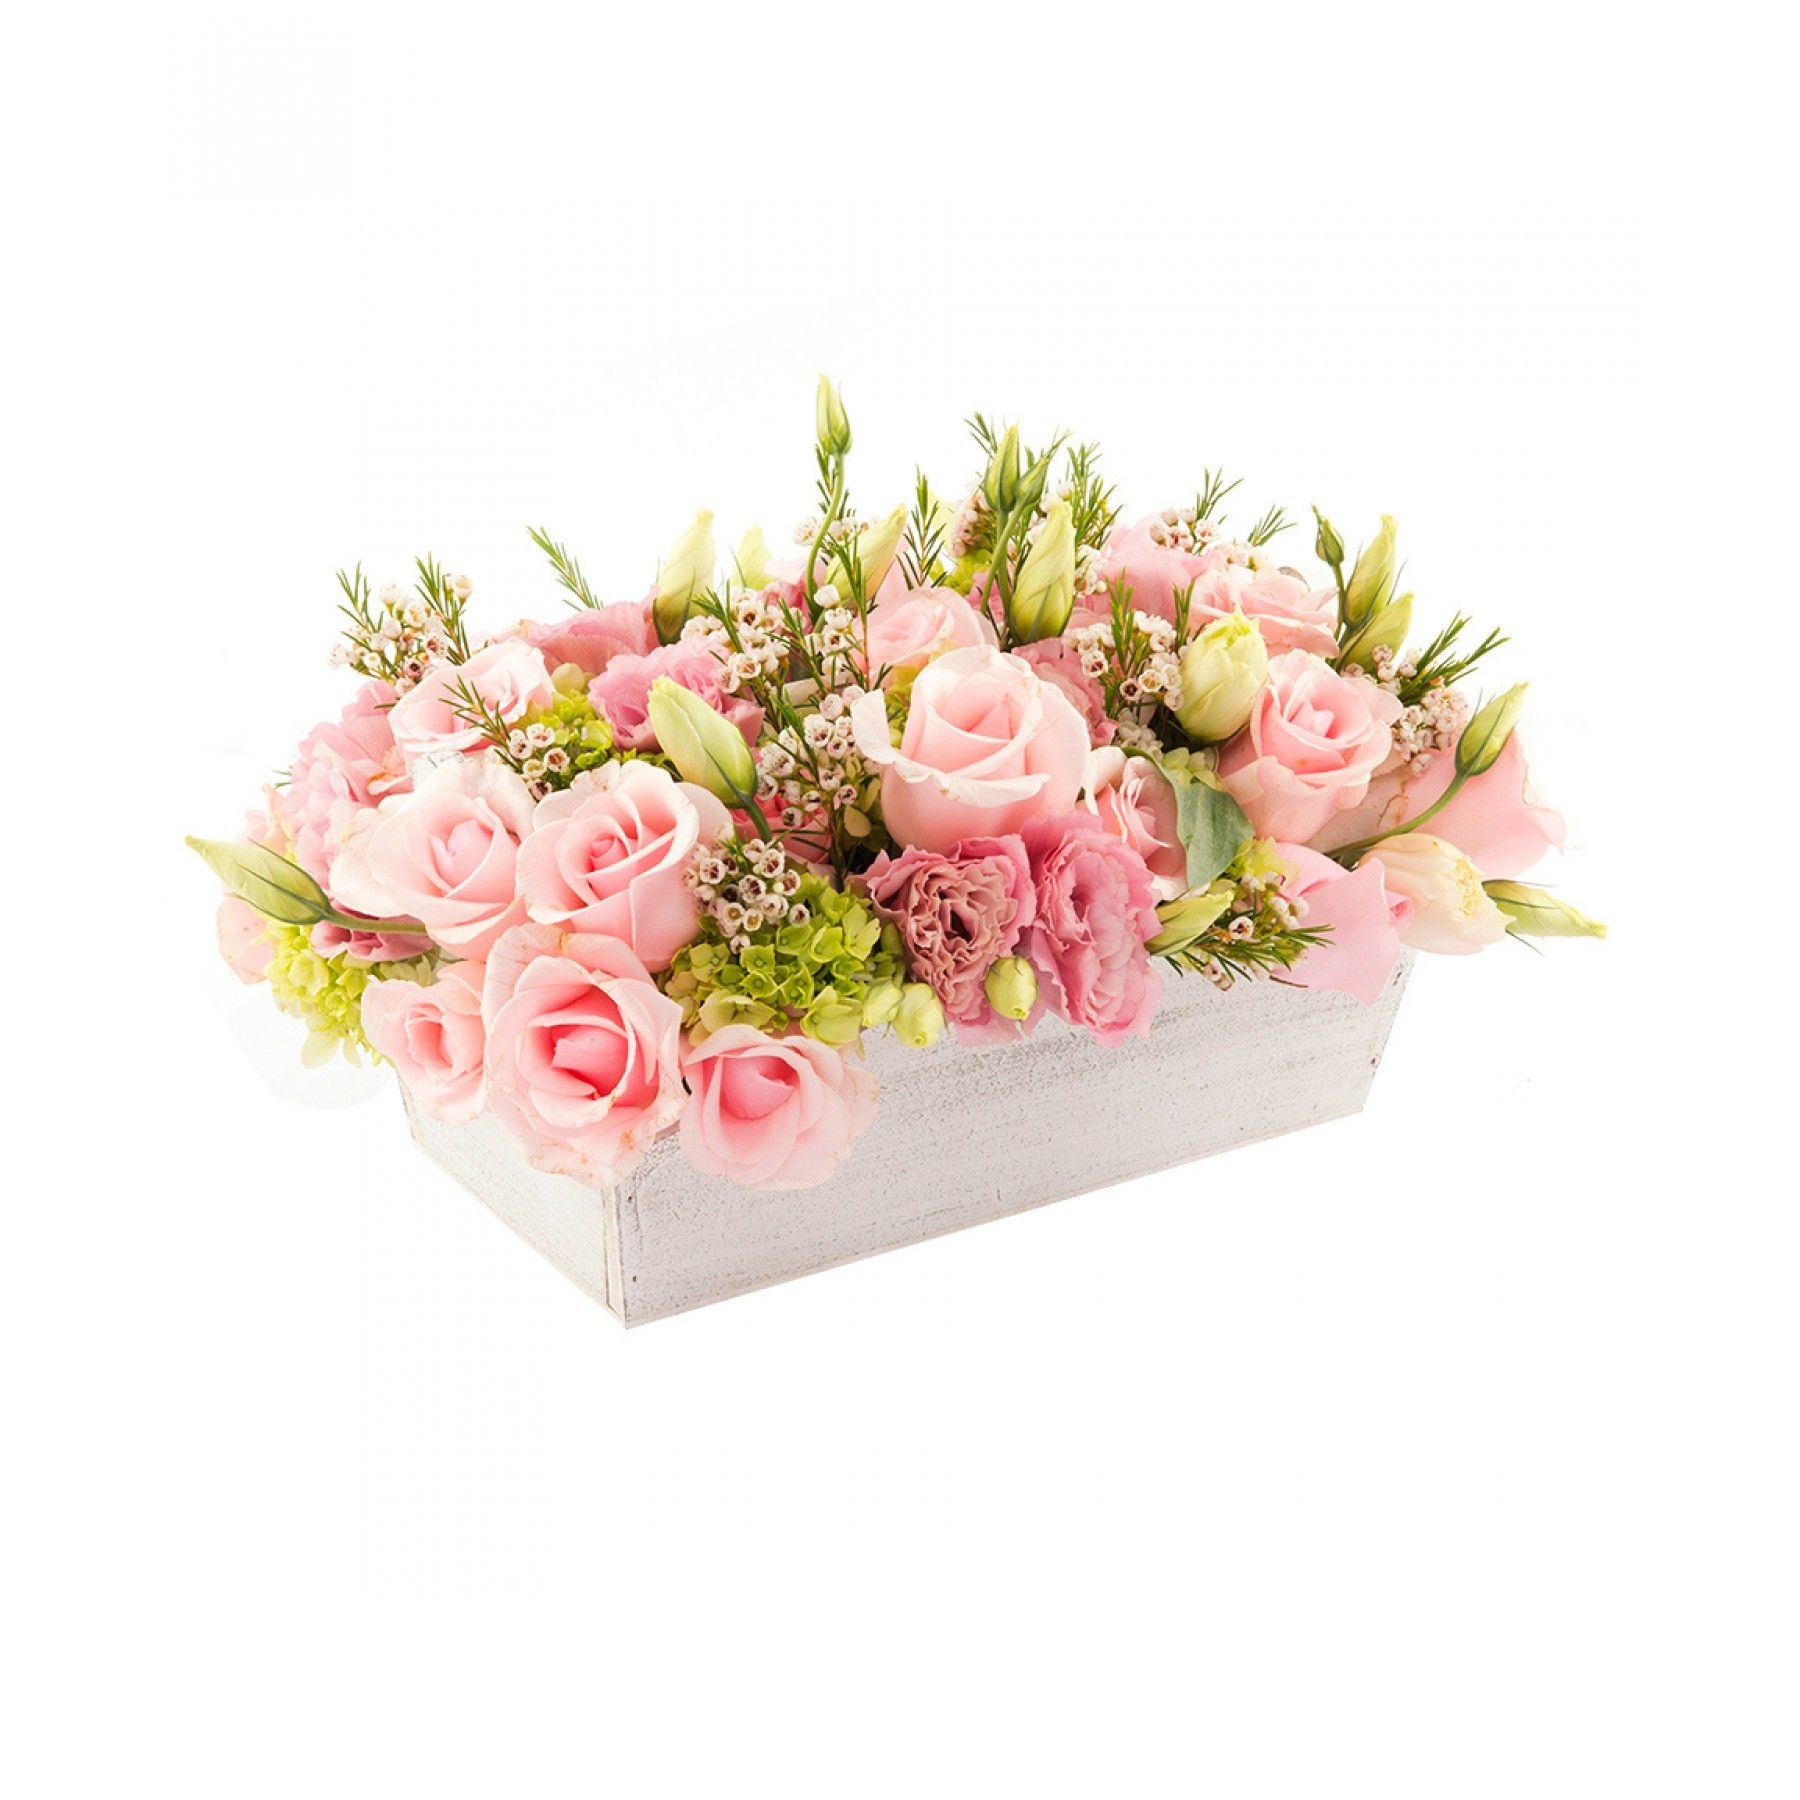 Arreglo Floral Rectangular Con Asa Elaborado De Madera Color